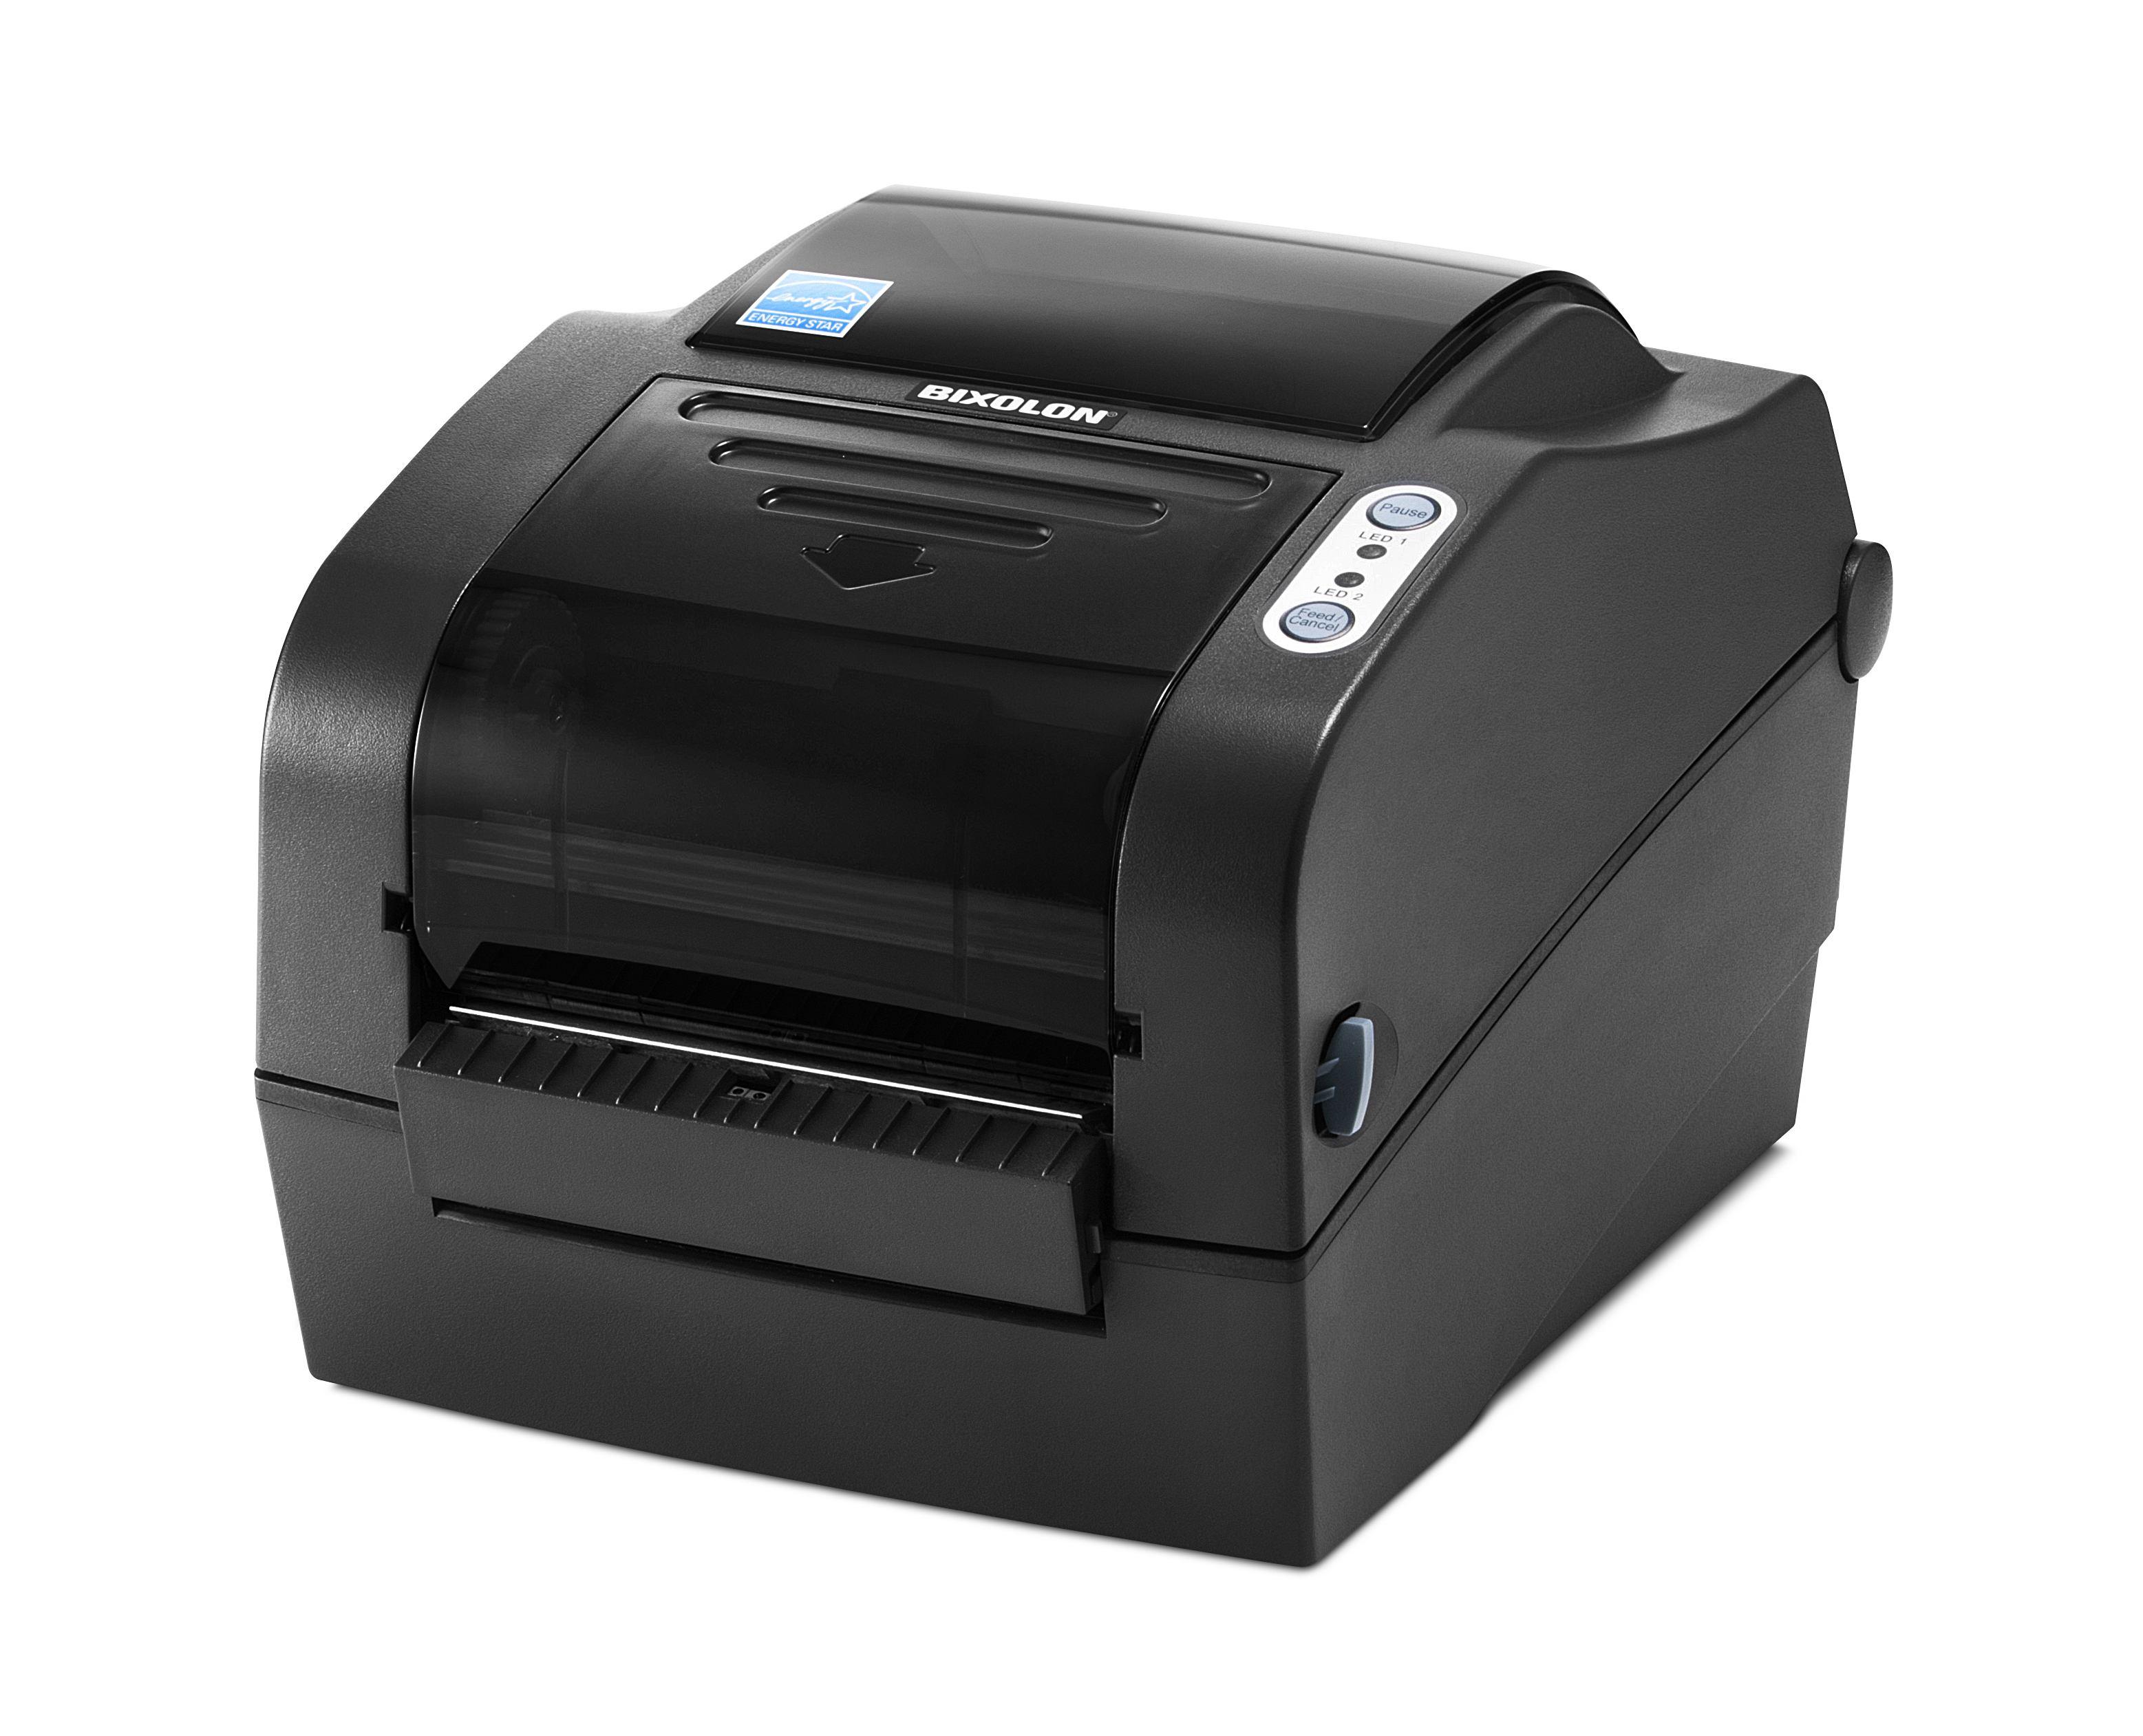 2022274-Bixolon-SLP-TX420EG-stampante-per-etichette-CD-Direct-thermal-therma